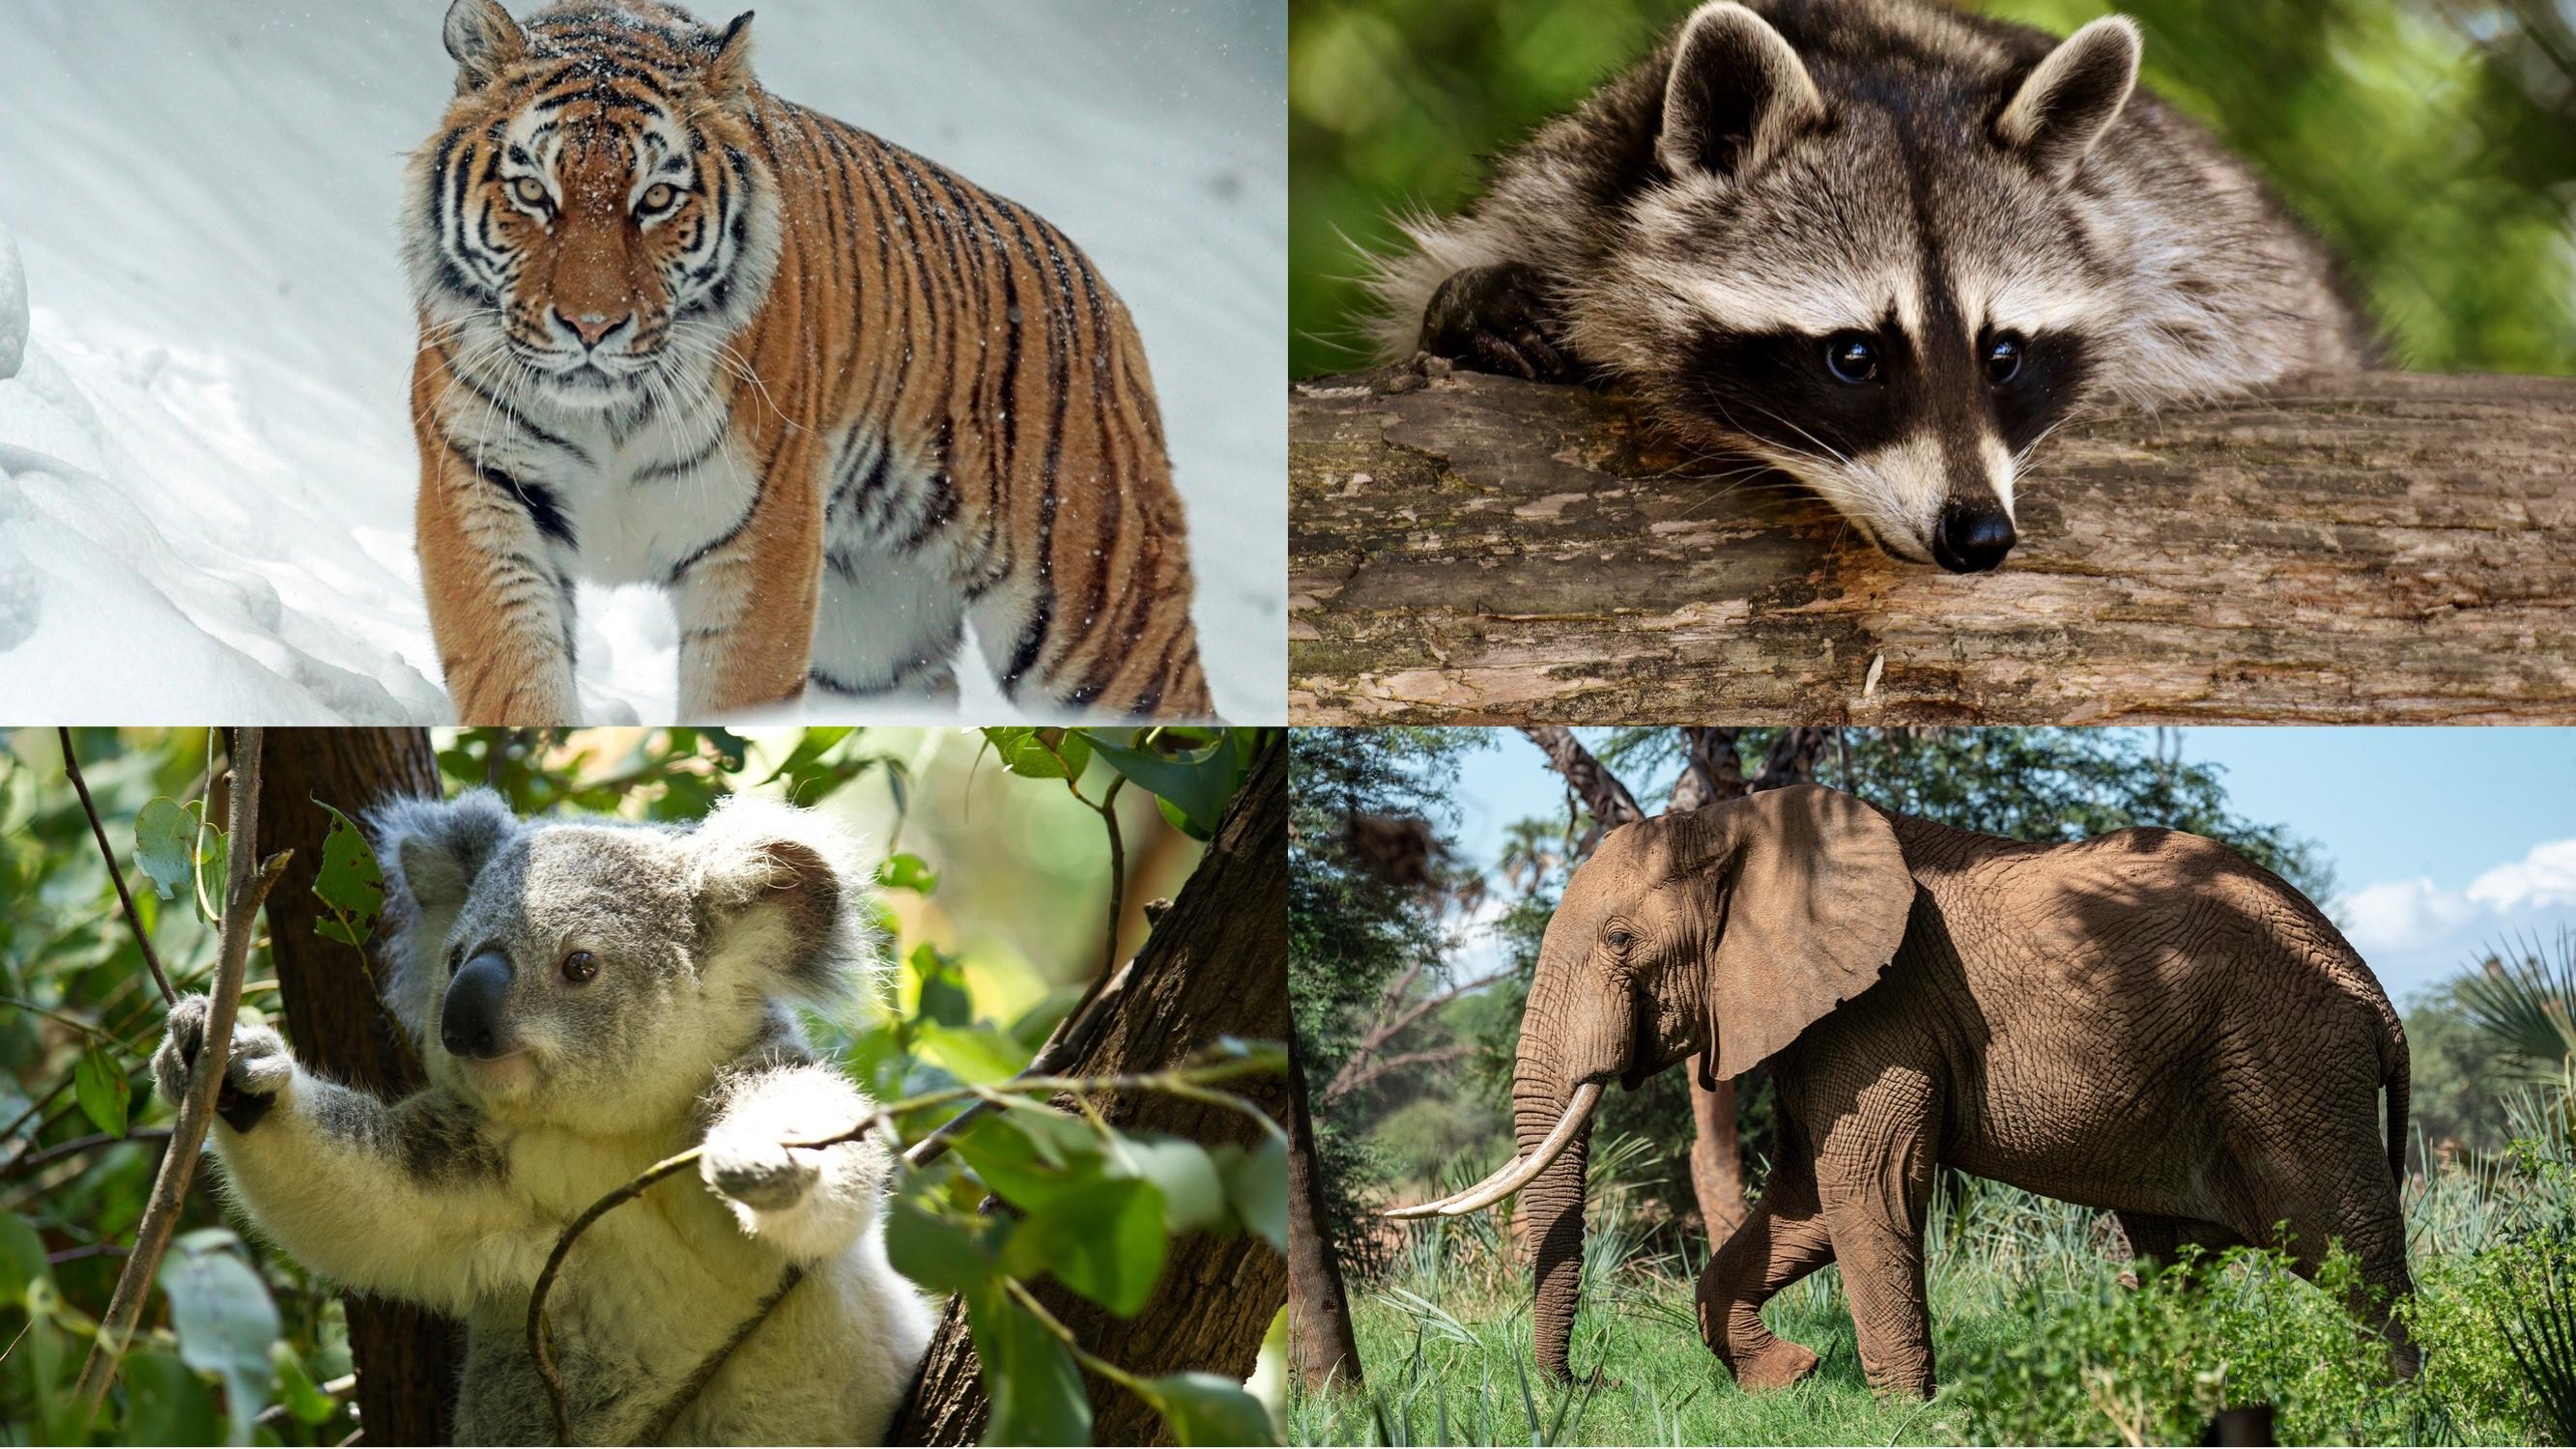 四柱推命で動物占い②【トラ、たぬき、コアラ、ゾウ】